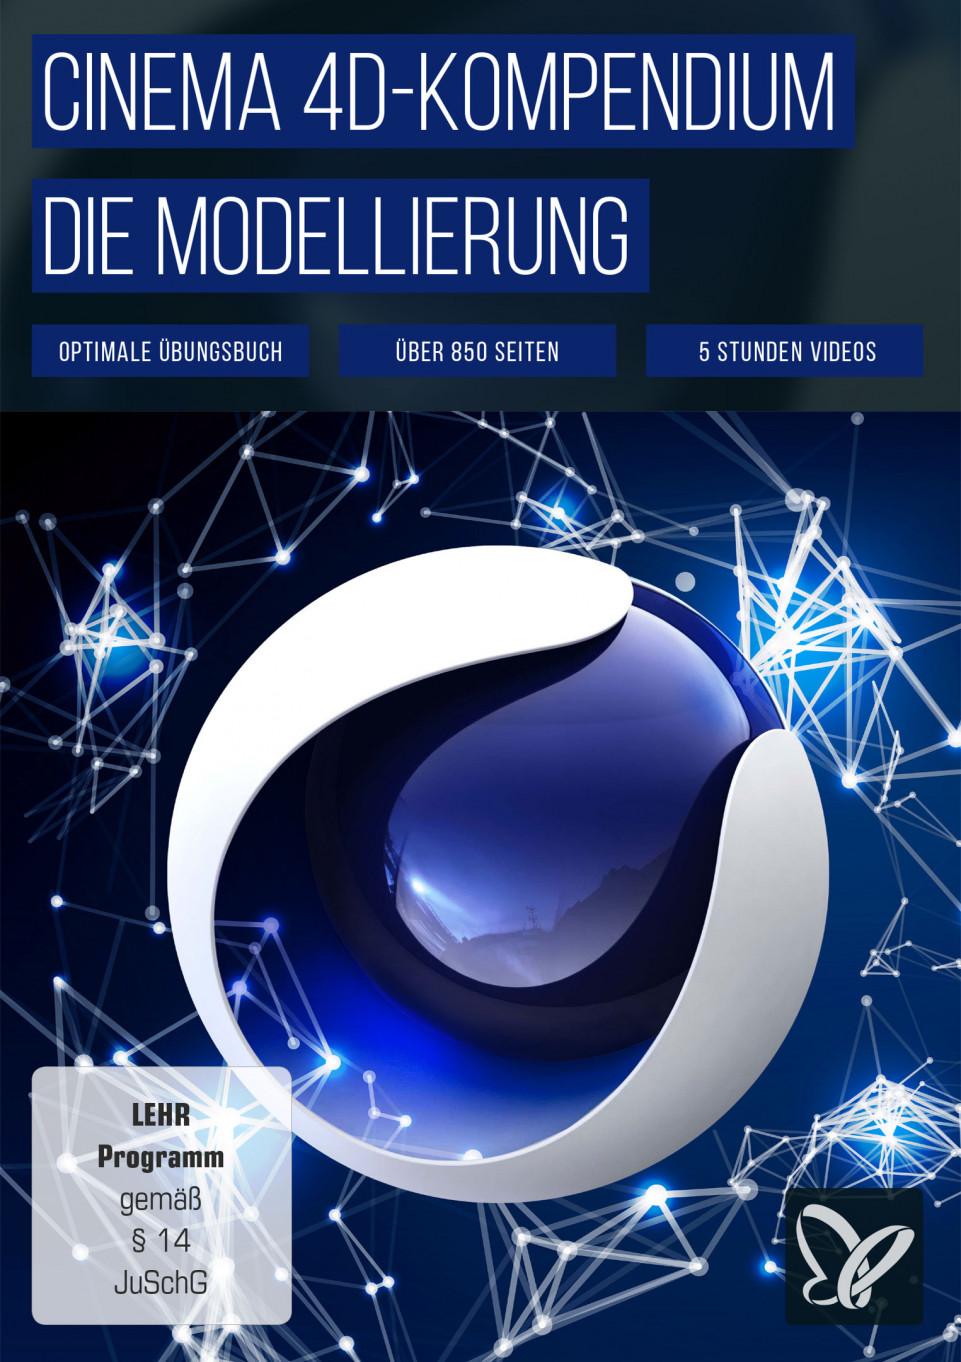 CINEMA 4D-Kompendium - Die Modellierung